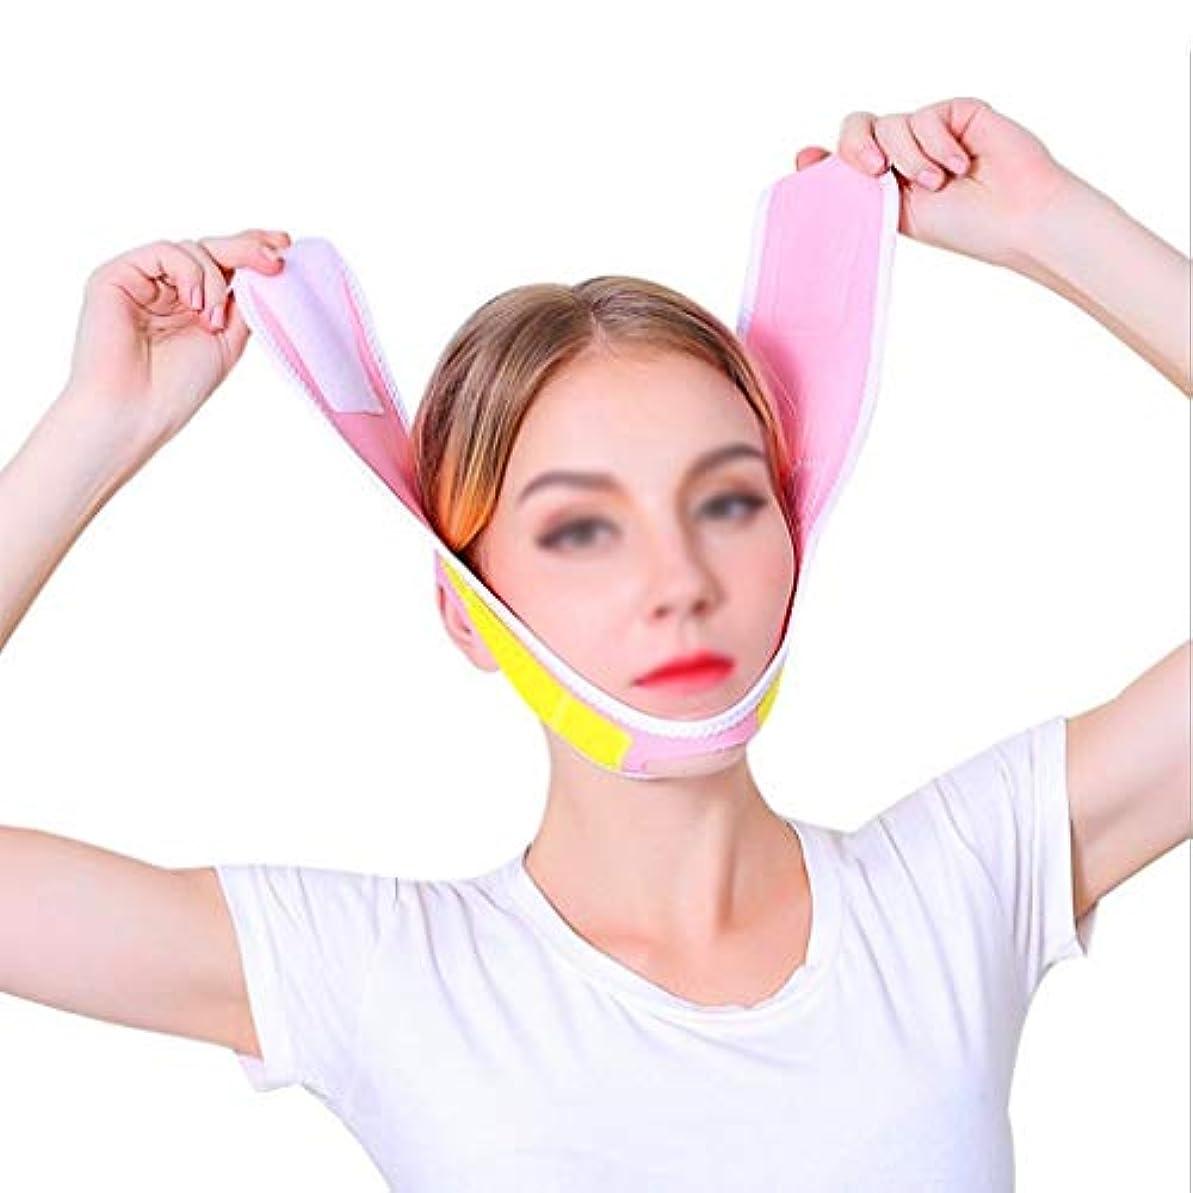 擬人気分が良いライター整形されたフェイスマスク、顔の引き上げと引き締めを強化する整形、顔の減量抗シワトリートメント、フェイスリフティングと引き締め肌(ピンク、ワンサイズ)